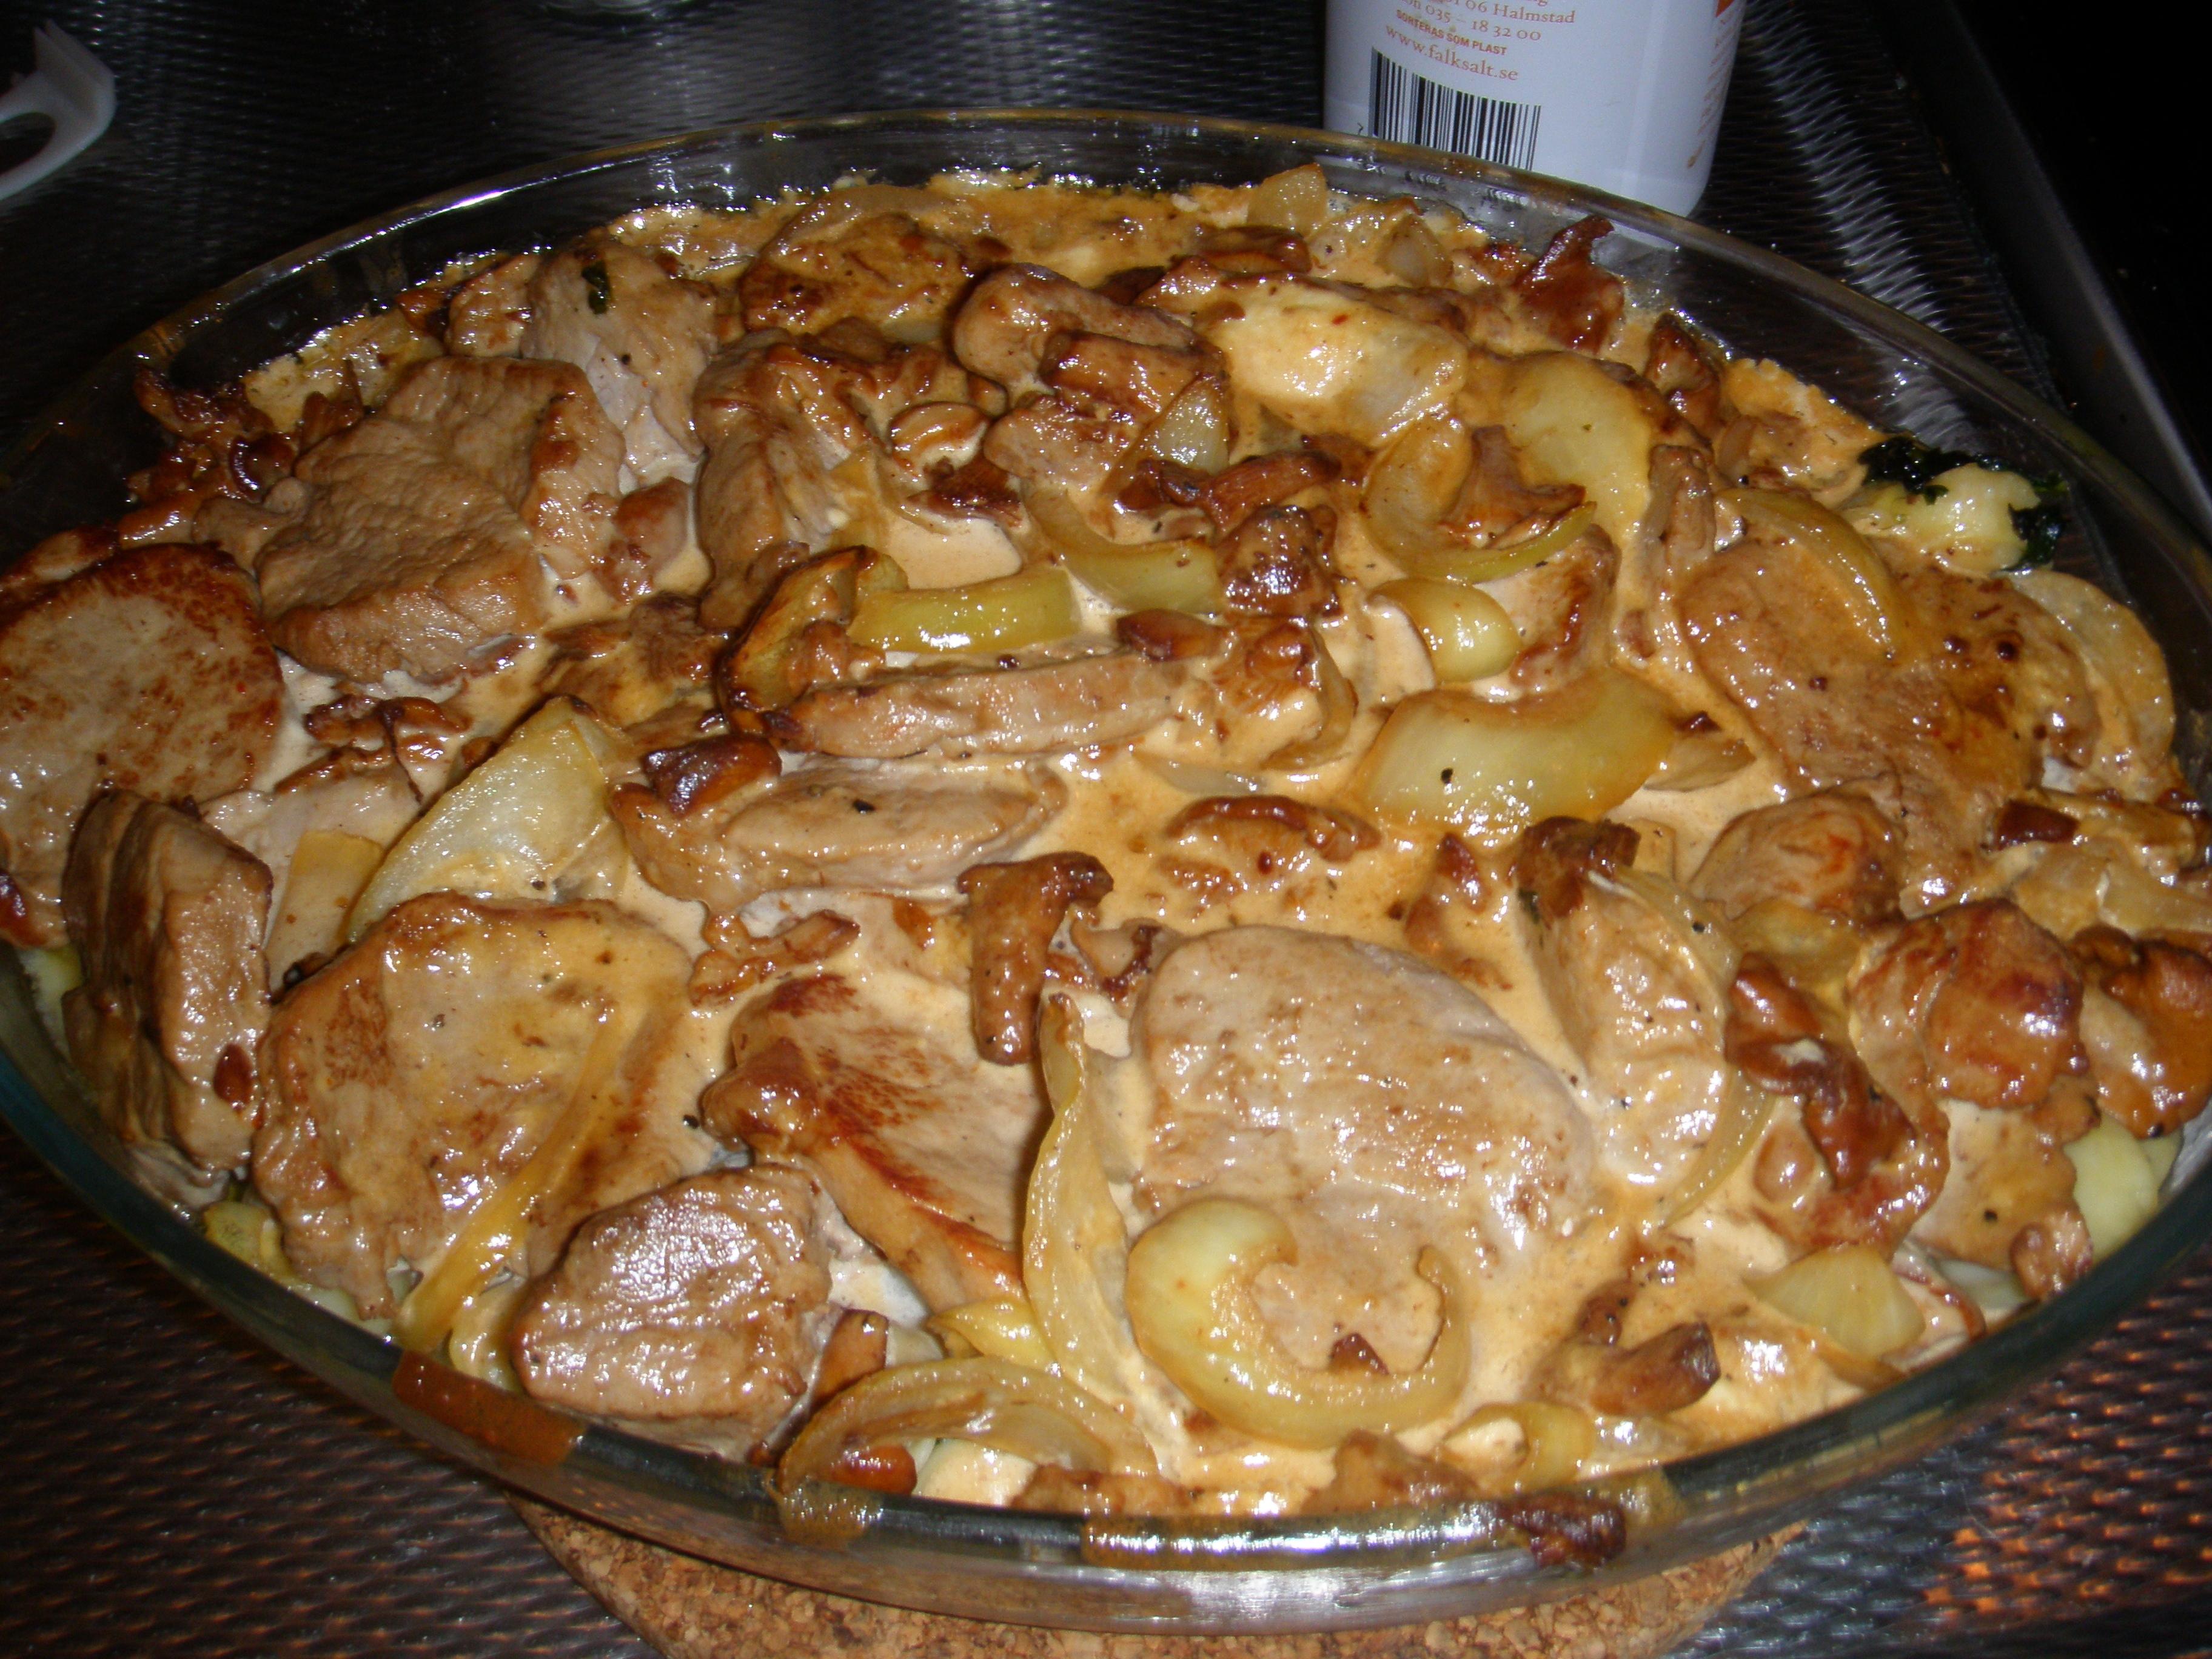 Drömsk tortellini och fläskfilegratäng med svamp och bladspenat!